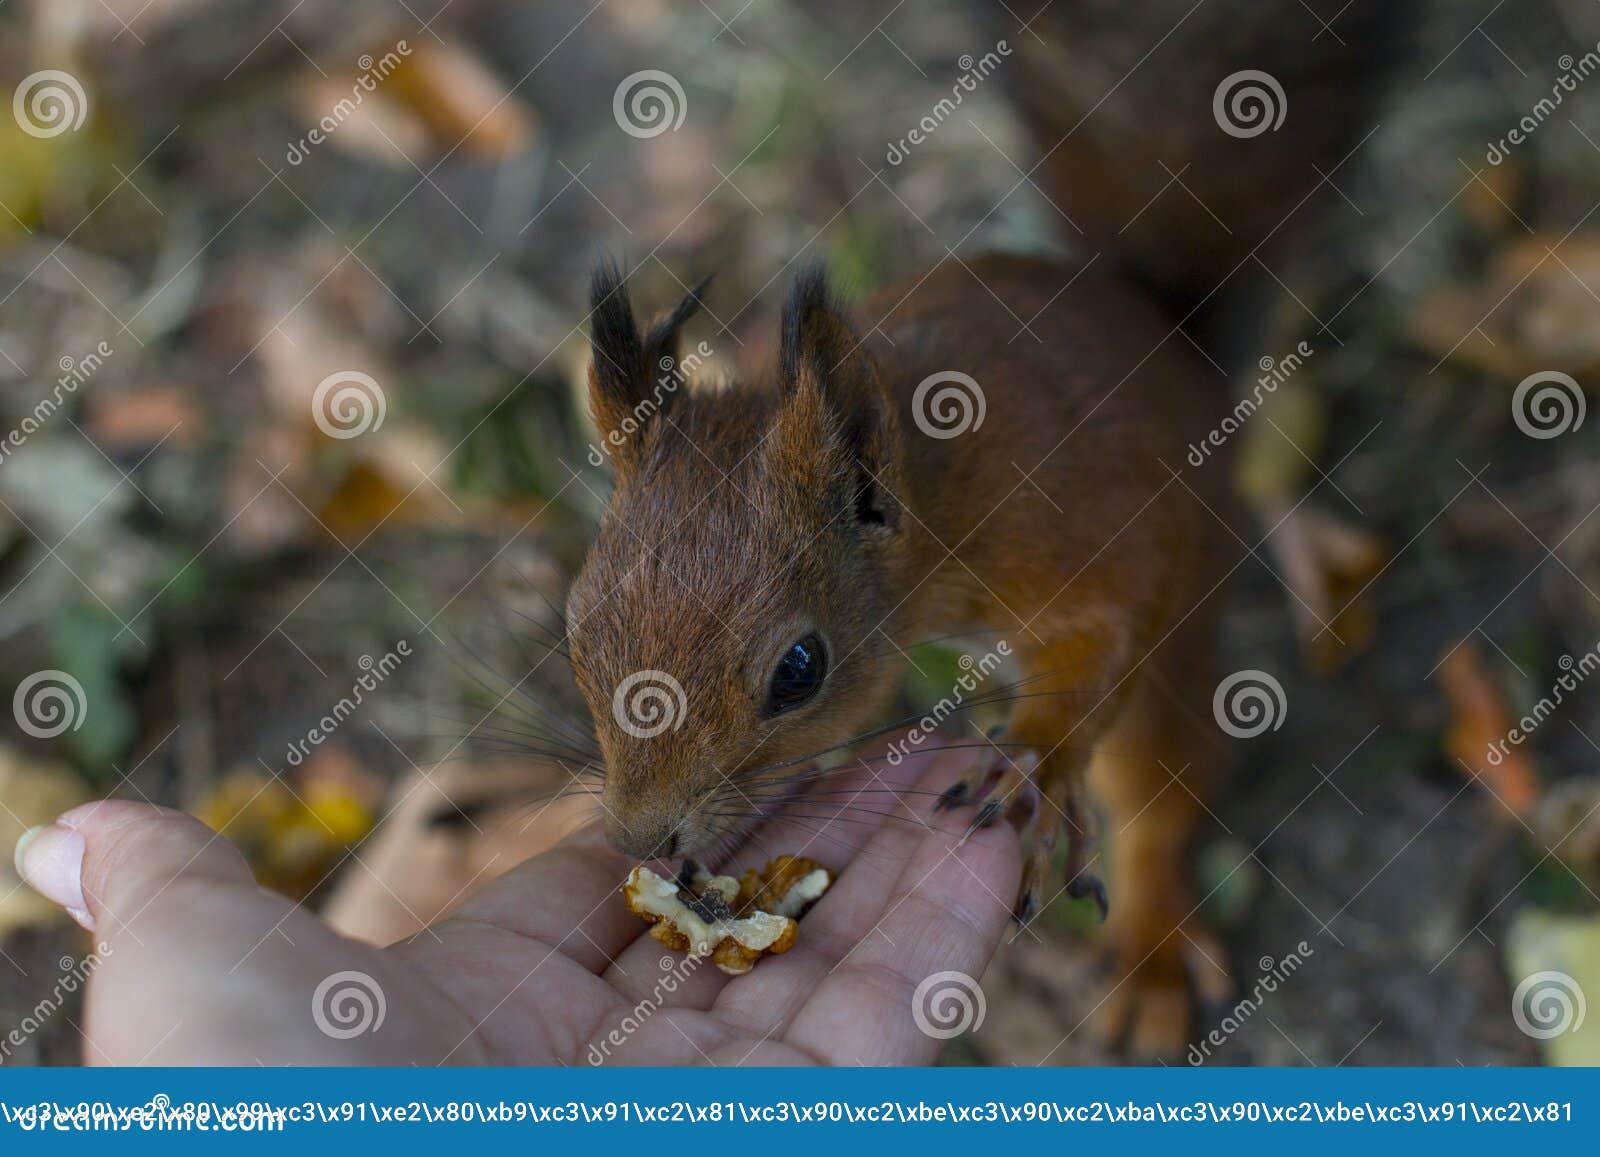 La ardilla roja come las nueces